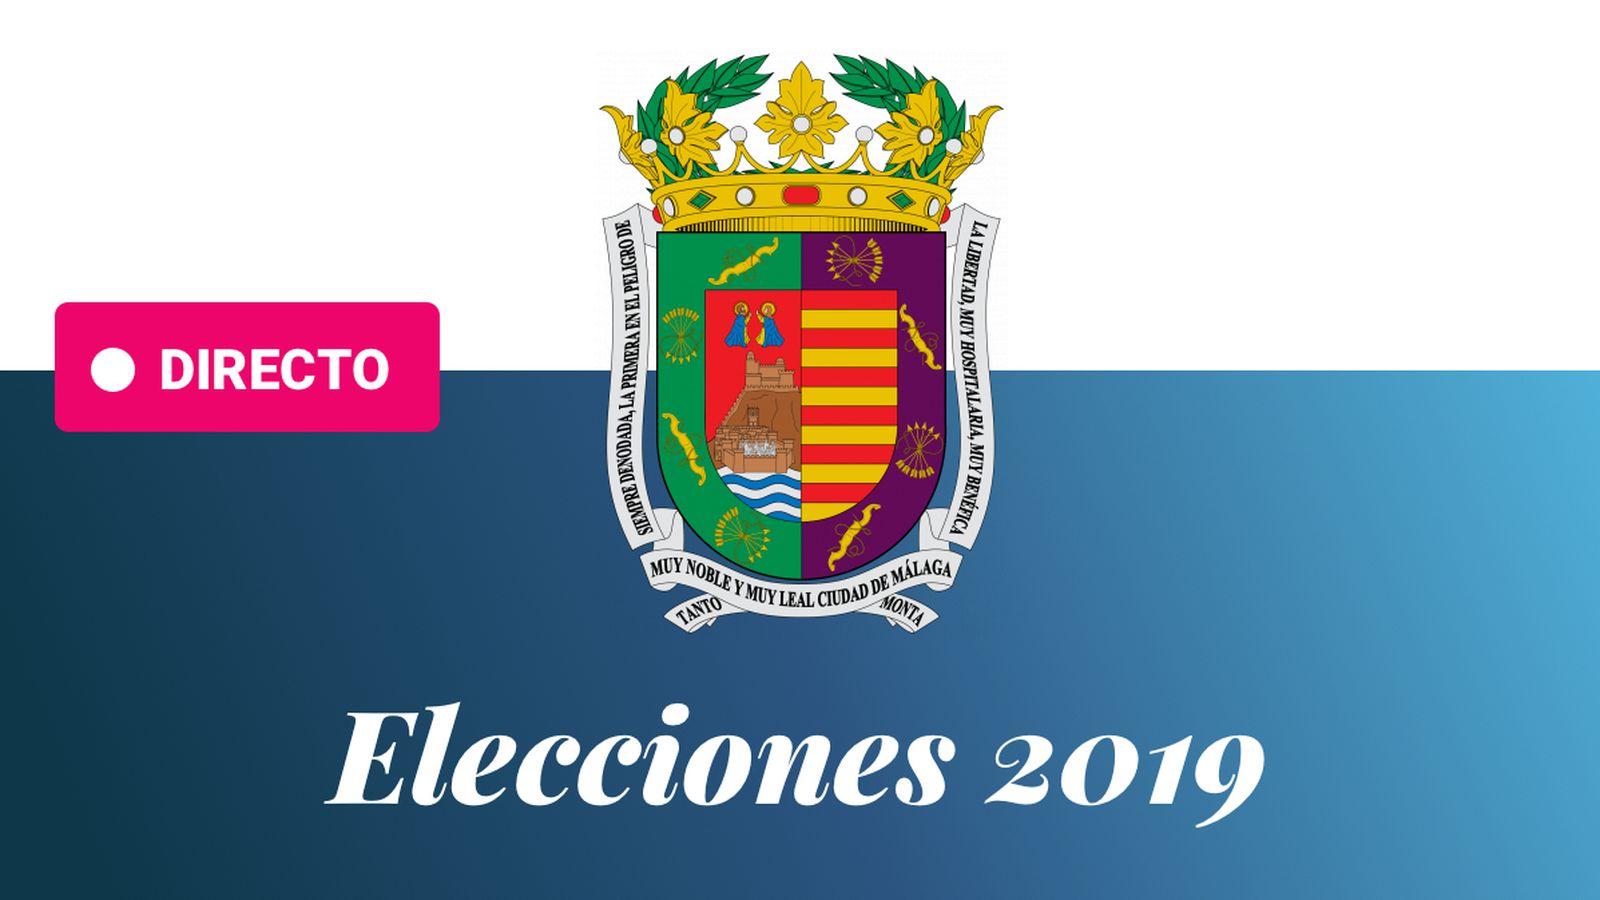 Foto: Elecciones generales 2019 en la provincia de Málaga. (C.C./HansenBCN)